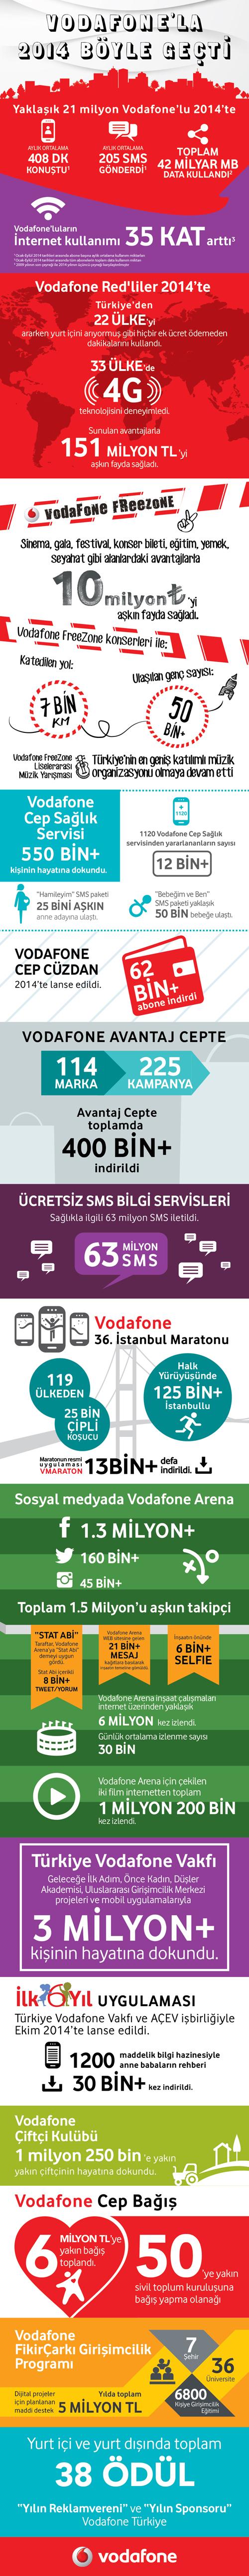 Vodafone-Türkiye-Dijital-Dönüşüm-Hareketi_infografik_